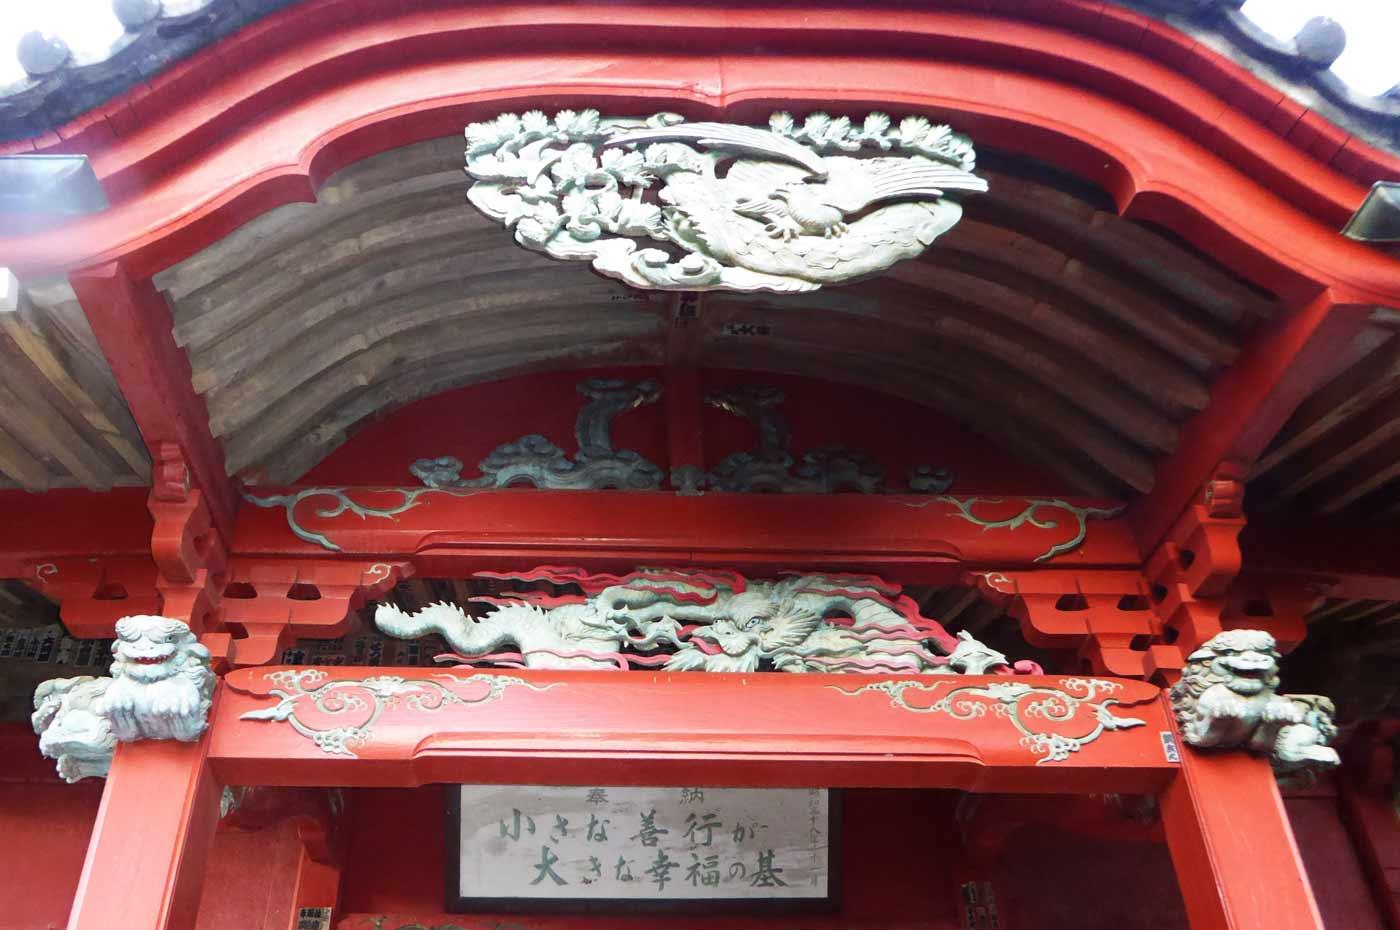 大聖院の高塚不動堂の写真